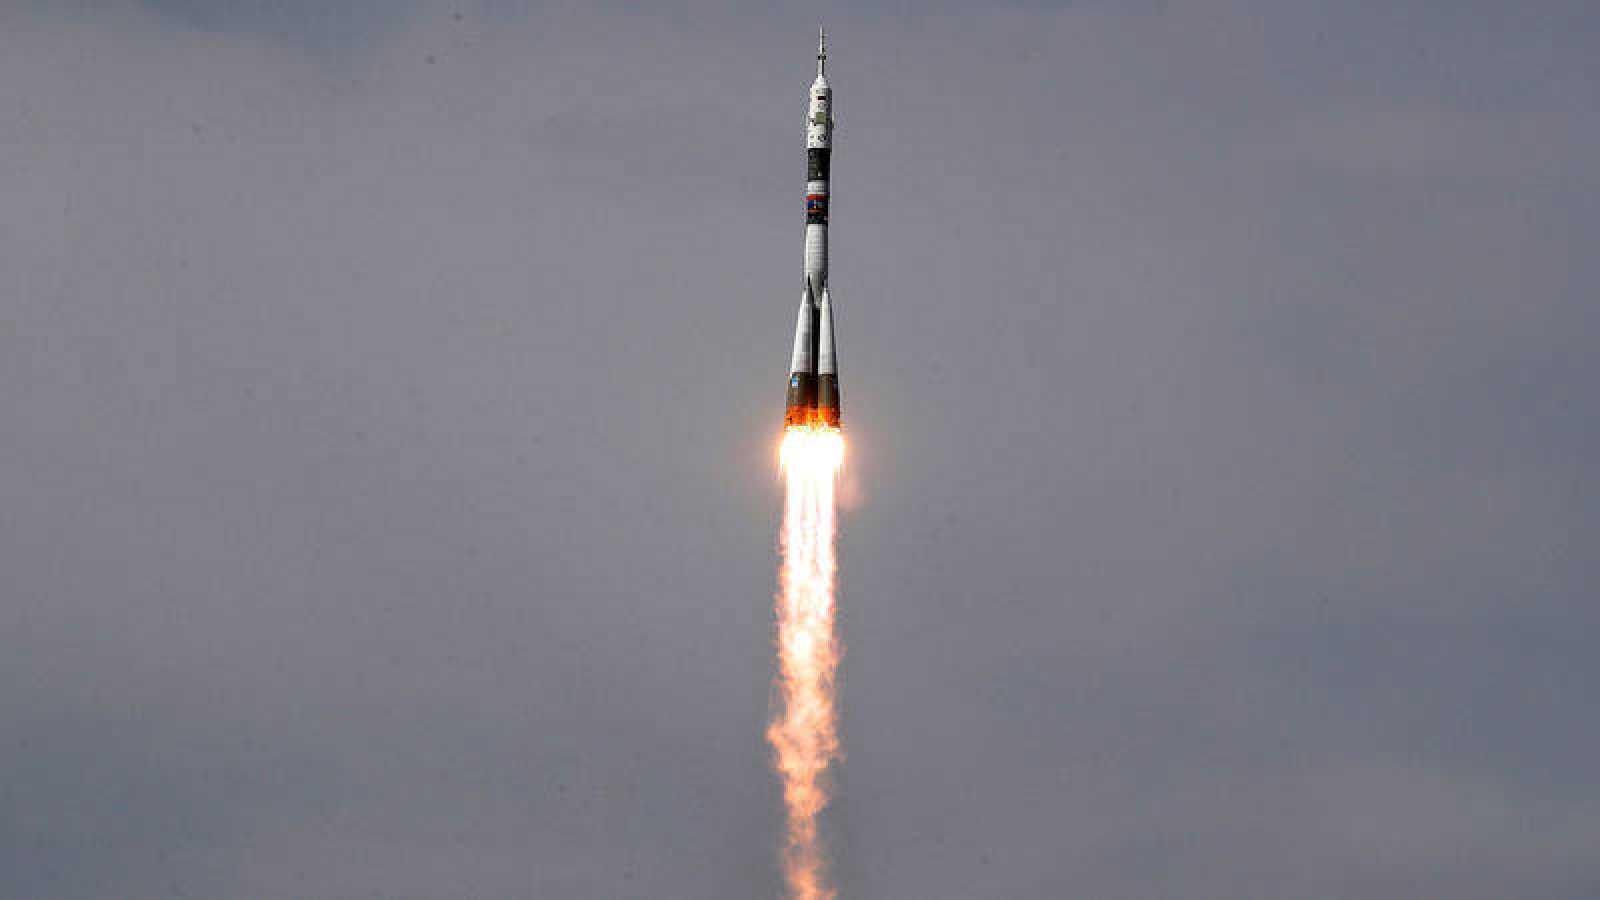 La agencia espacial rusa cree que el agujero que apareció en la nave Soyuz fue un sabotaje